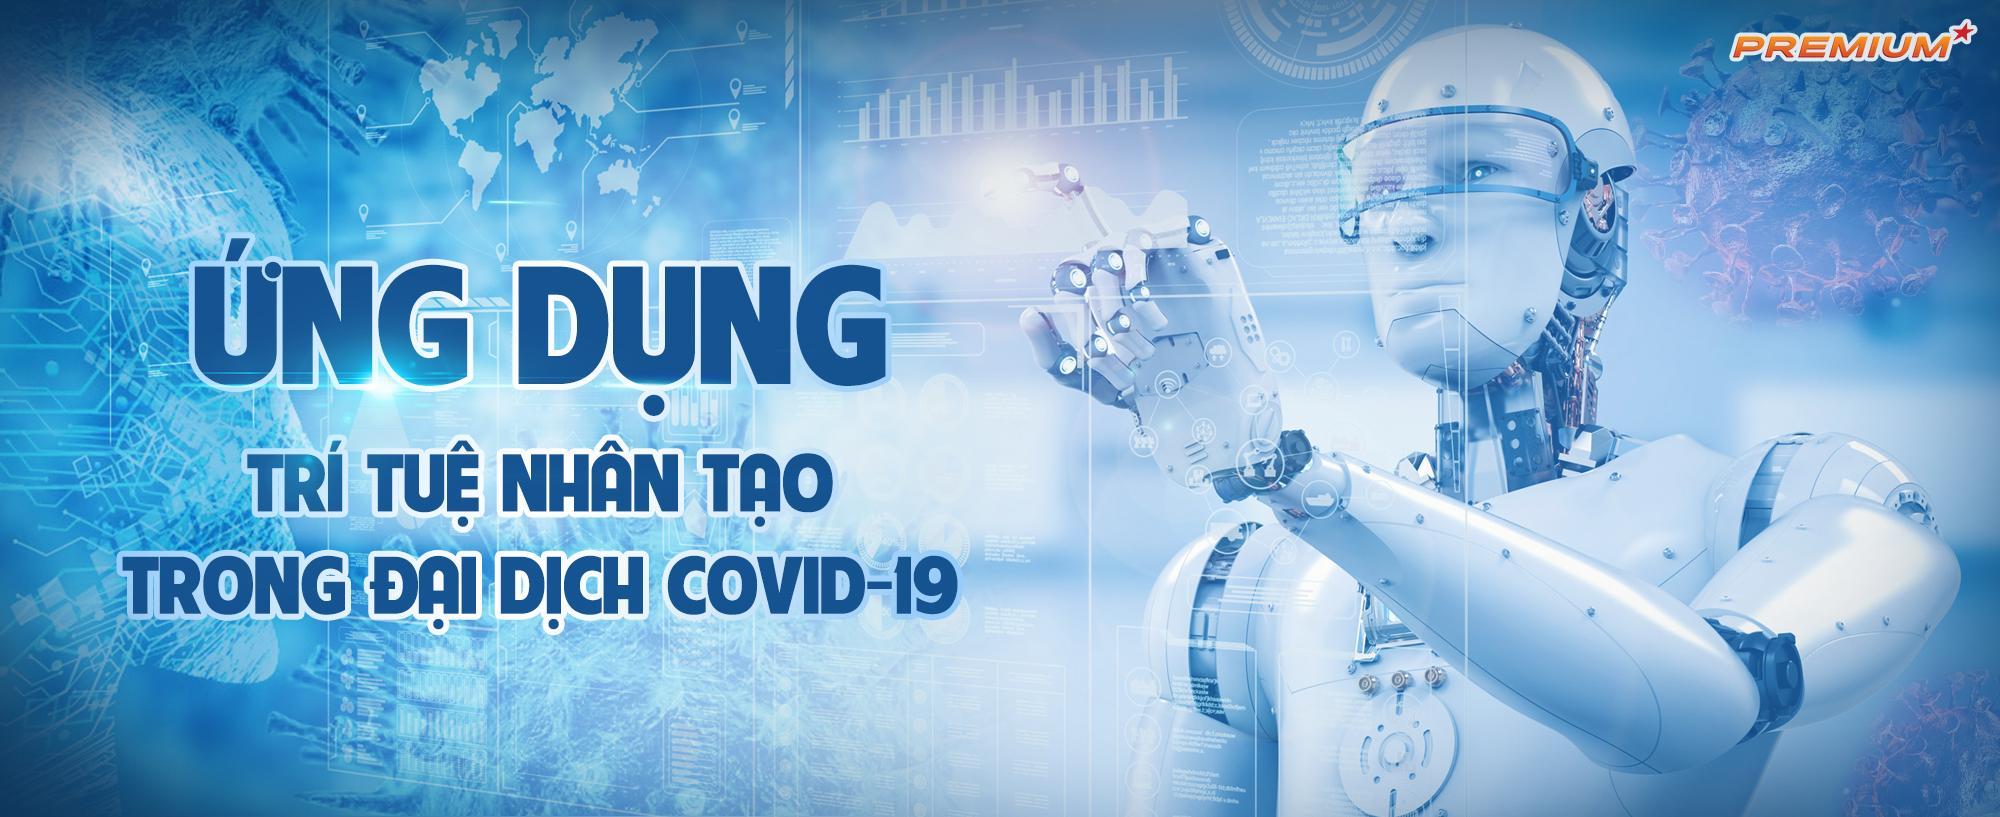 Ứng dụng trí tuệ nhân tạo trong đại dịch Covid-19